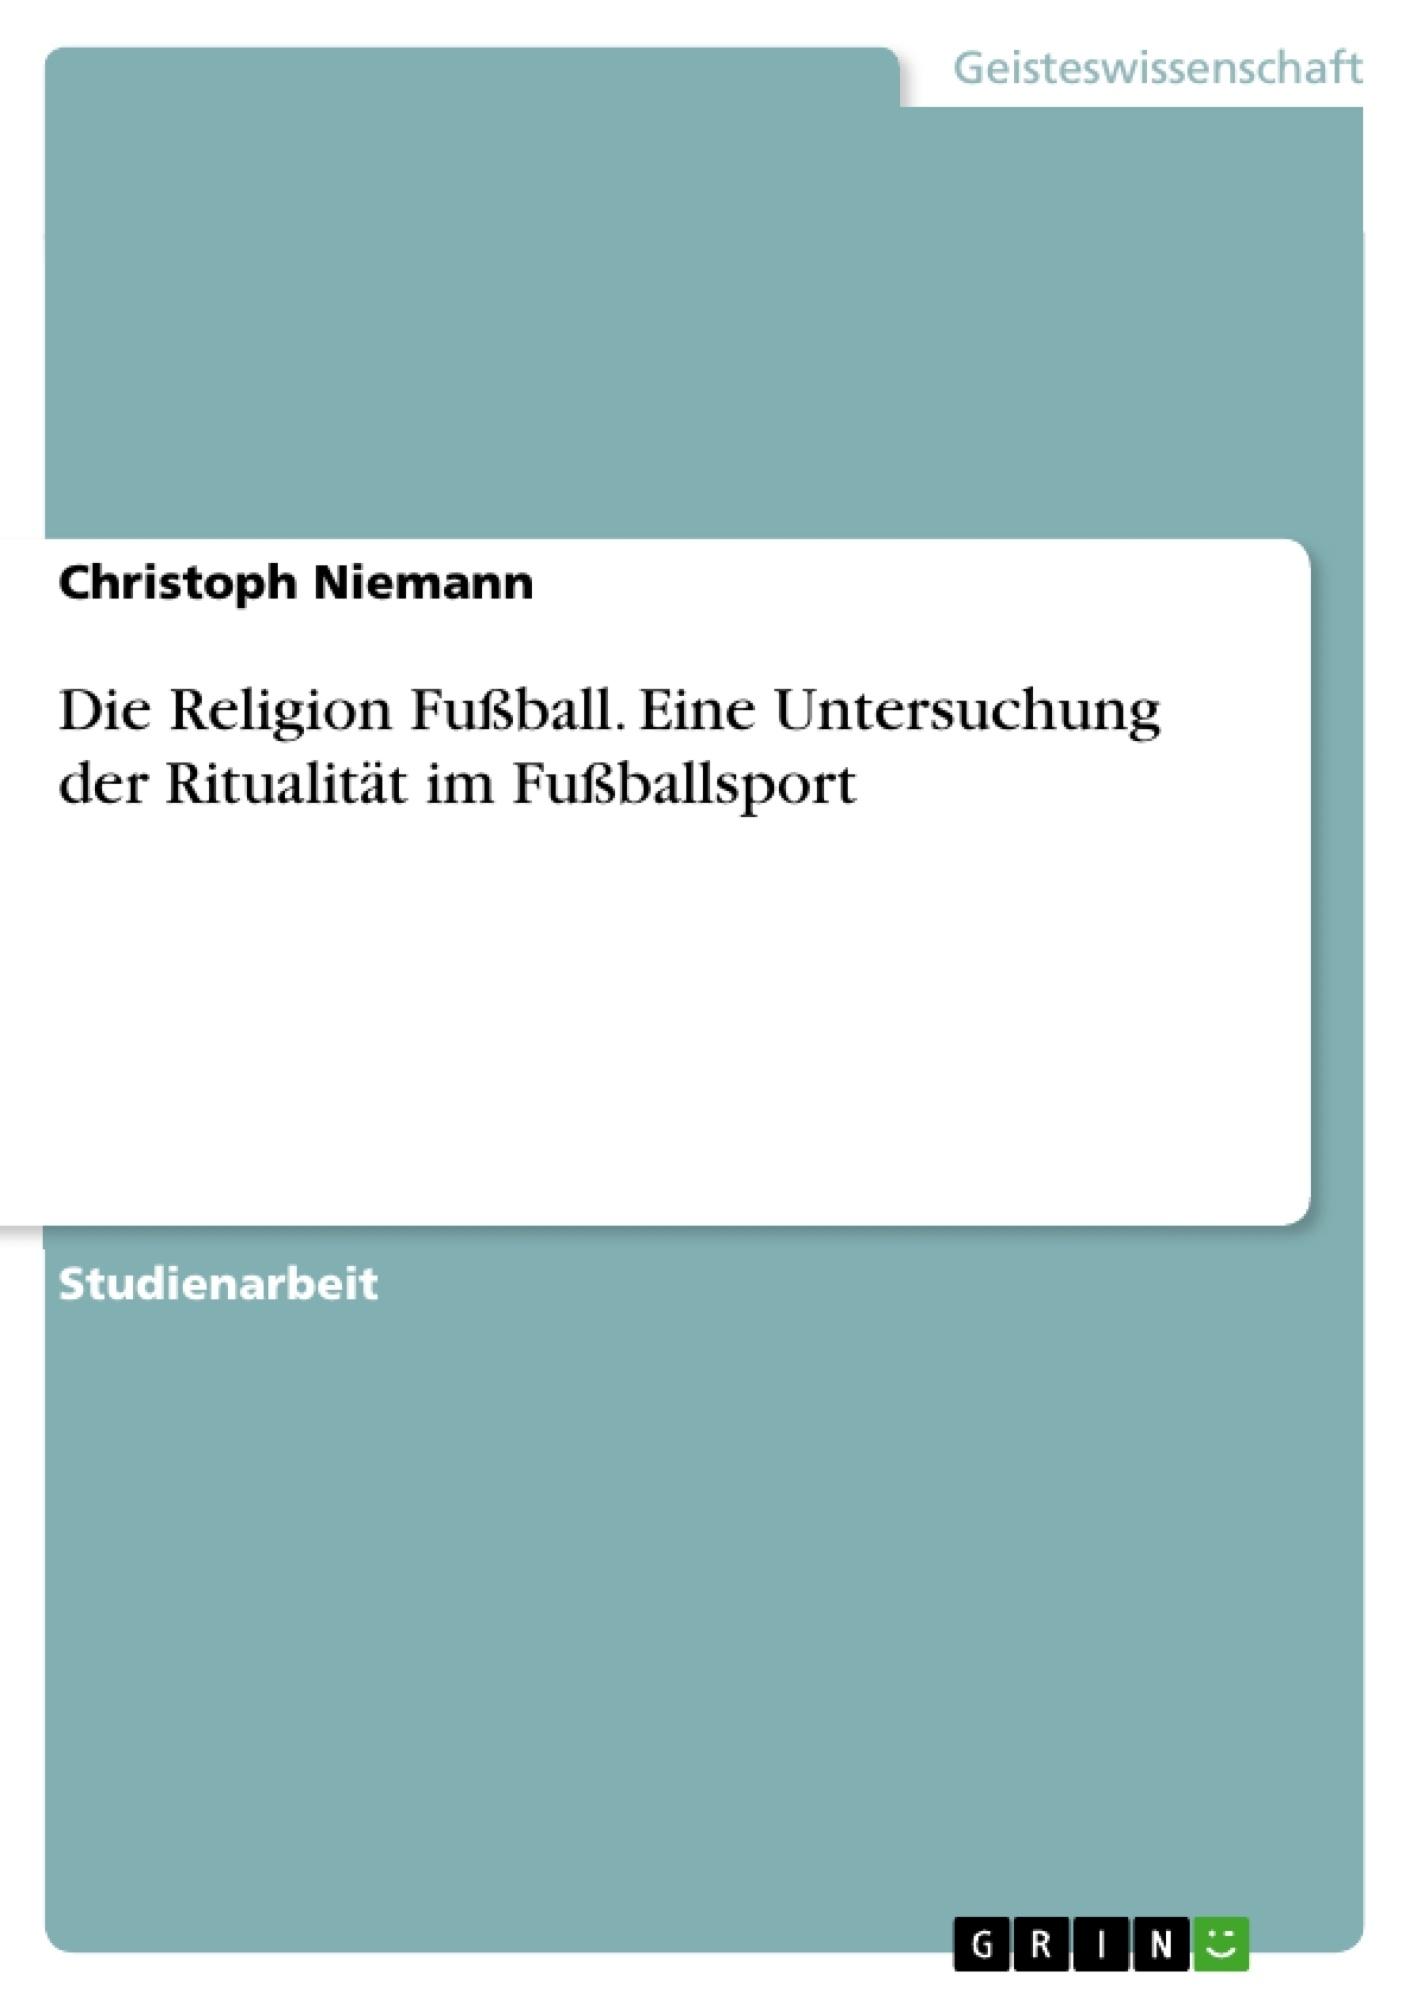 Titel: Die Religion Fußball. Eine Untersuchung der Ritualität im Fußballsport